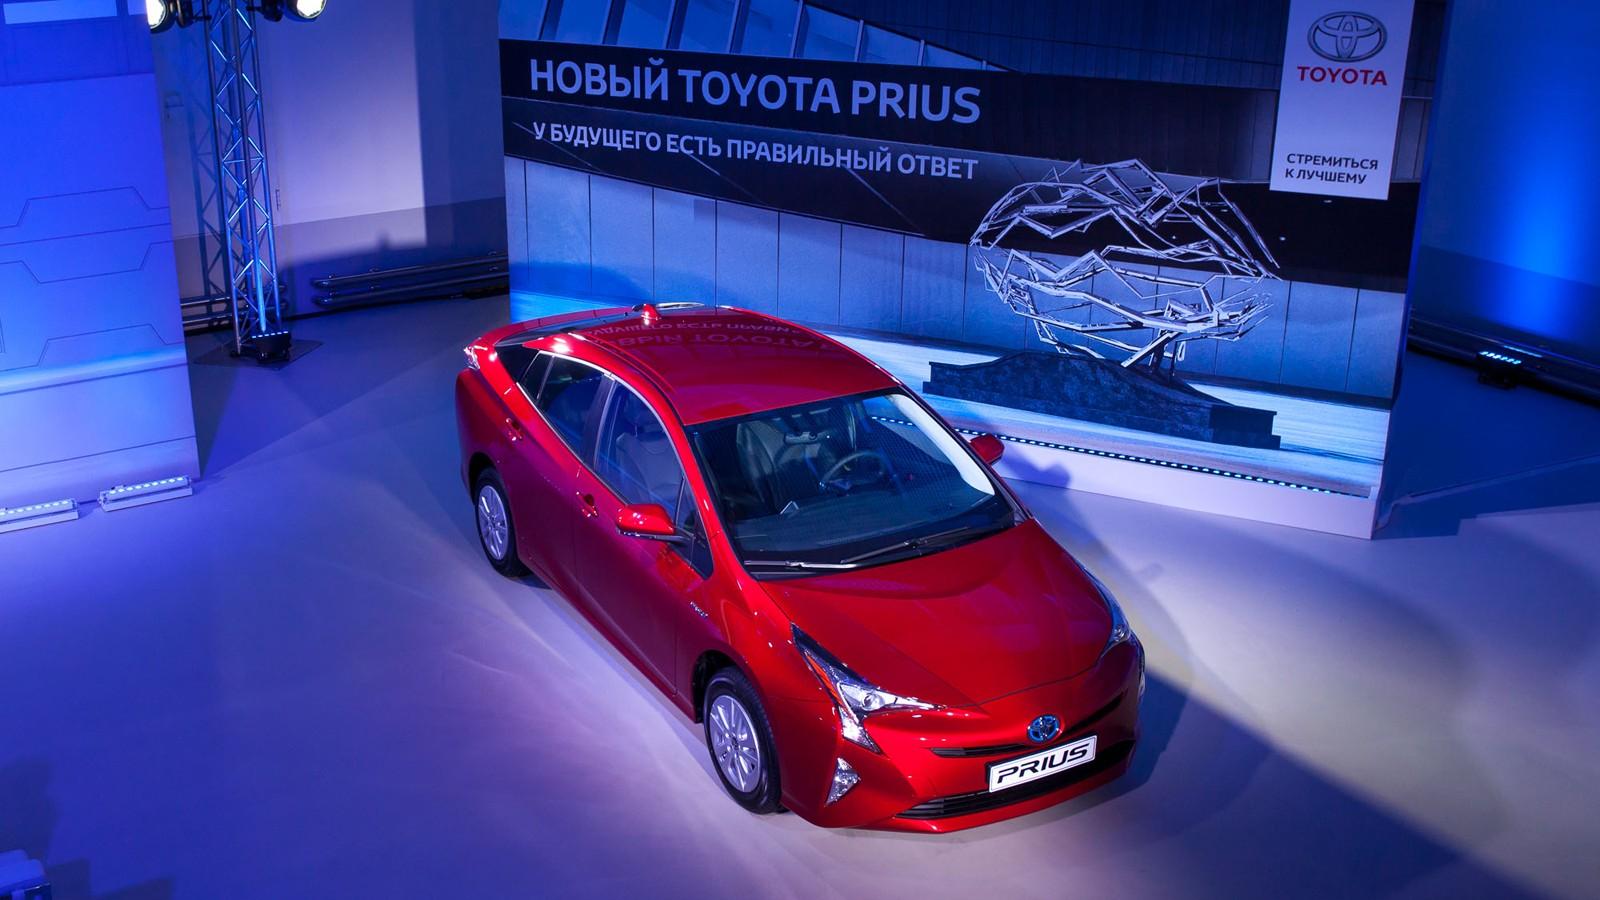 Toyota_Prius_presentation_27.03.2017_MoscoToyota_Prius_presentation_27.03.2017_Moscow (lo-res)-1